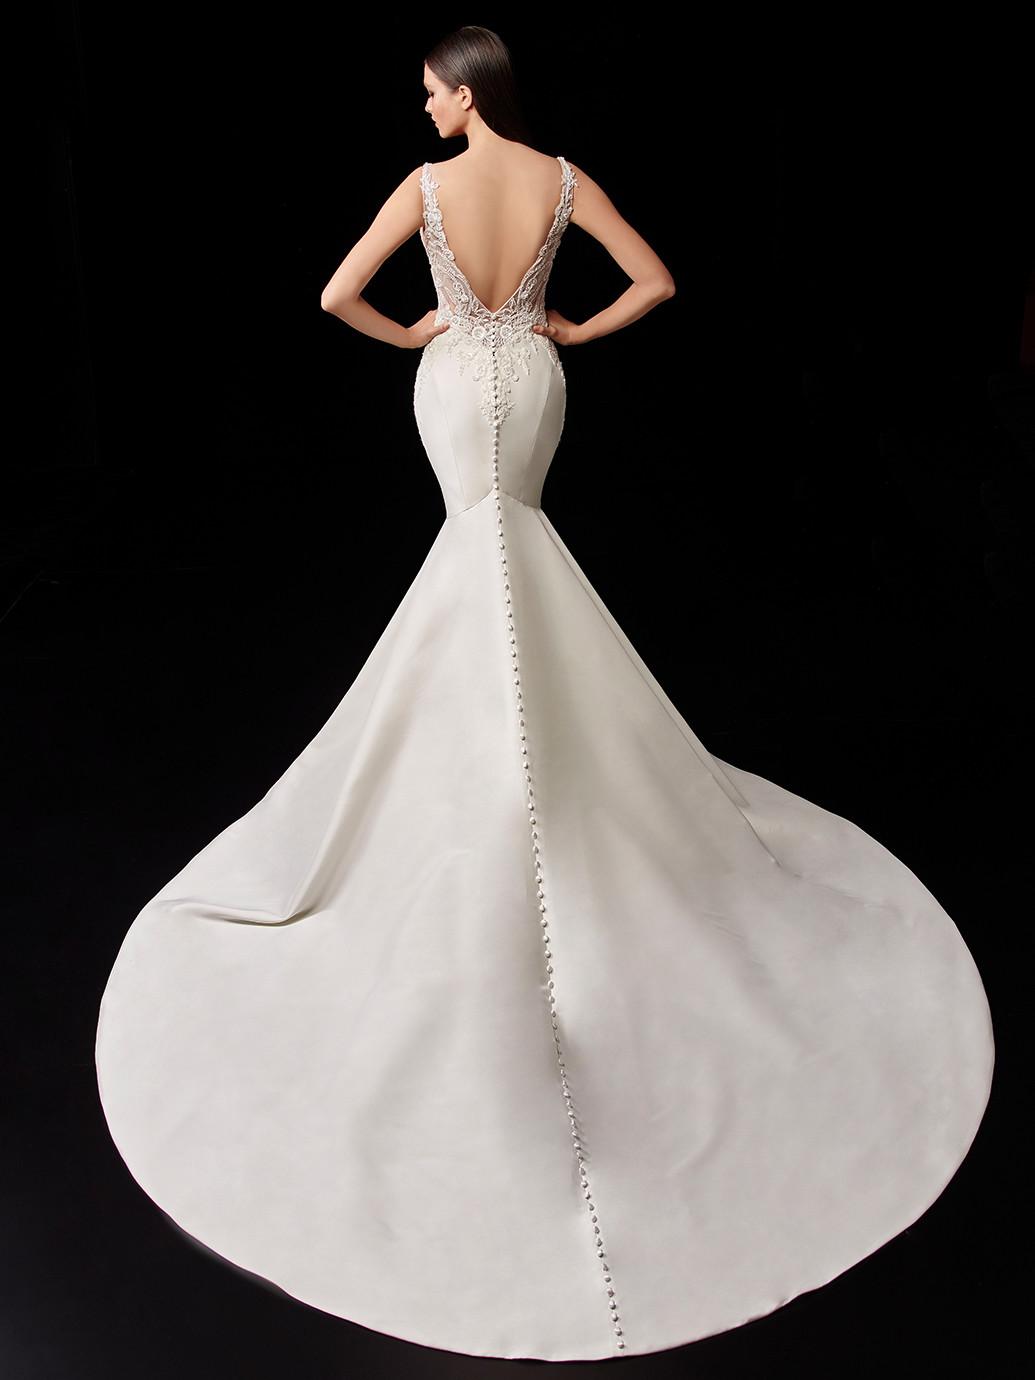 Satin-Brautkleid im Fit-and-Flare-Schnitt mit transparentem Spitzentop von Enzoani, Modell Pascale